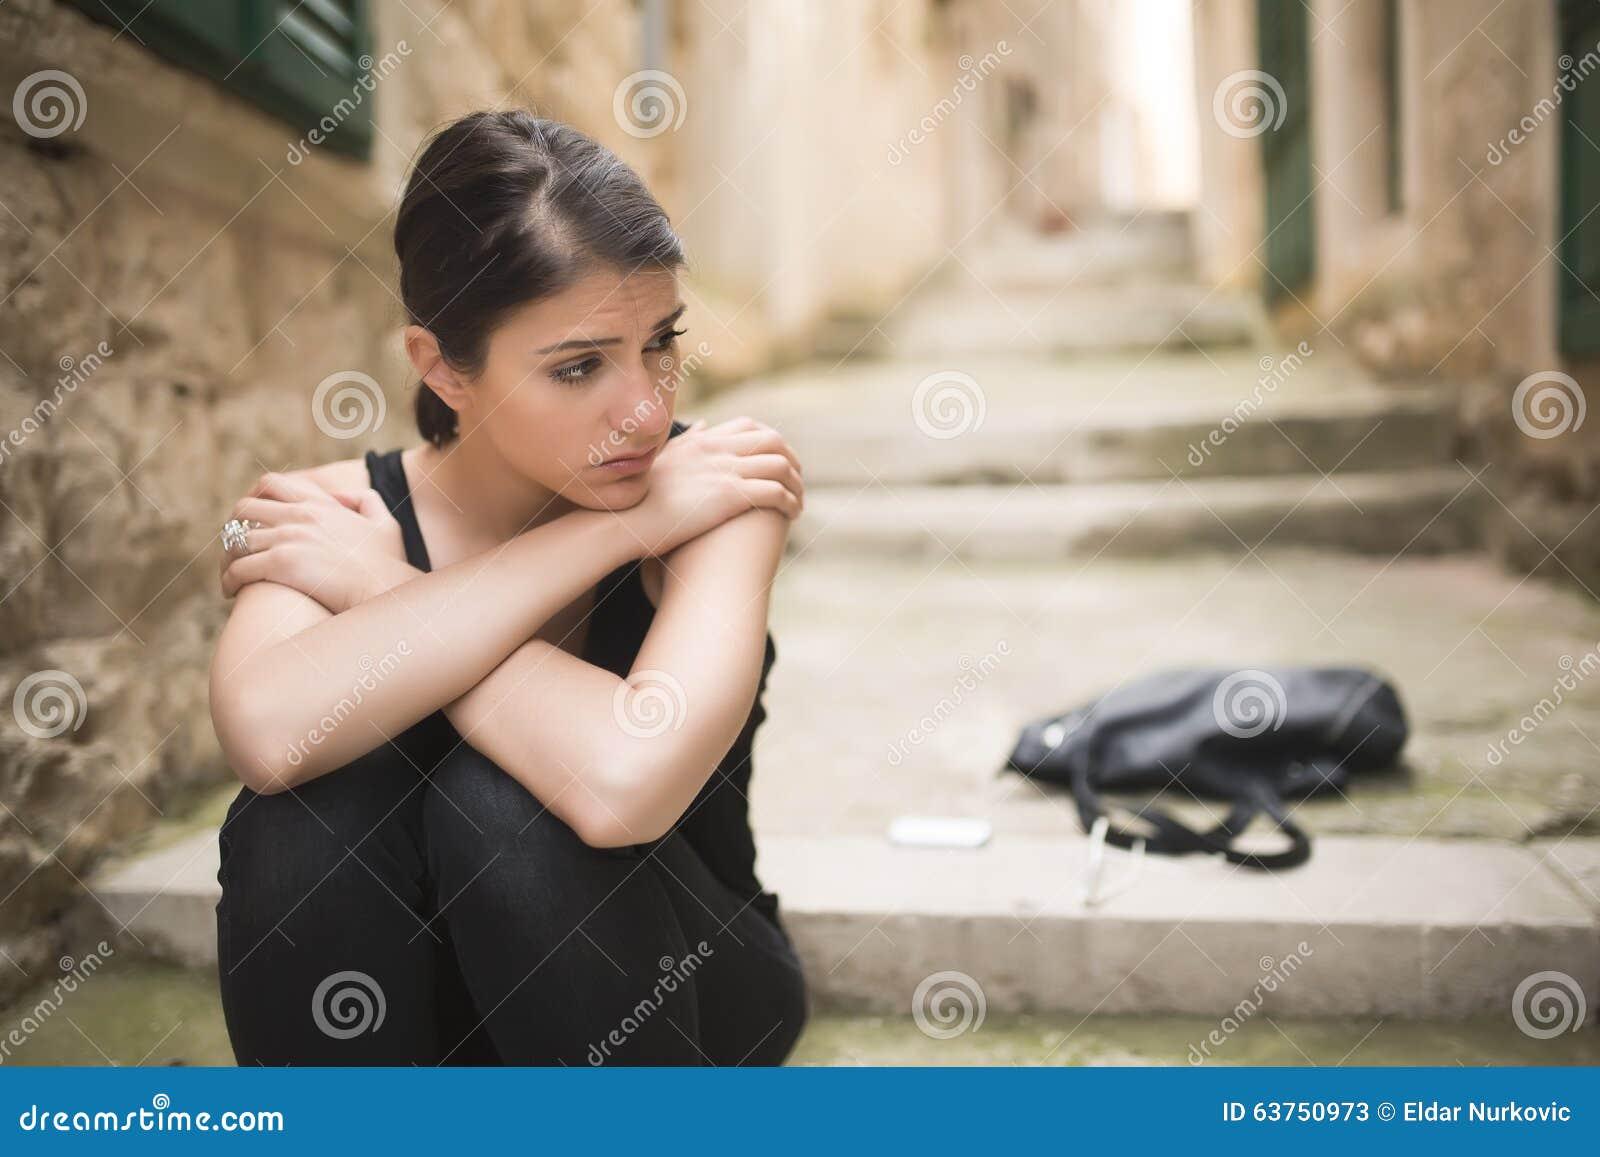 Kobieta z smutnym twarz płaczem Smutny wyrażenie, smutna emocja, rozpacz, smucenie Kobieta w emocjonalnym stresie i bólu